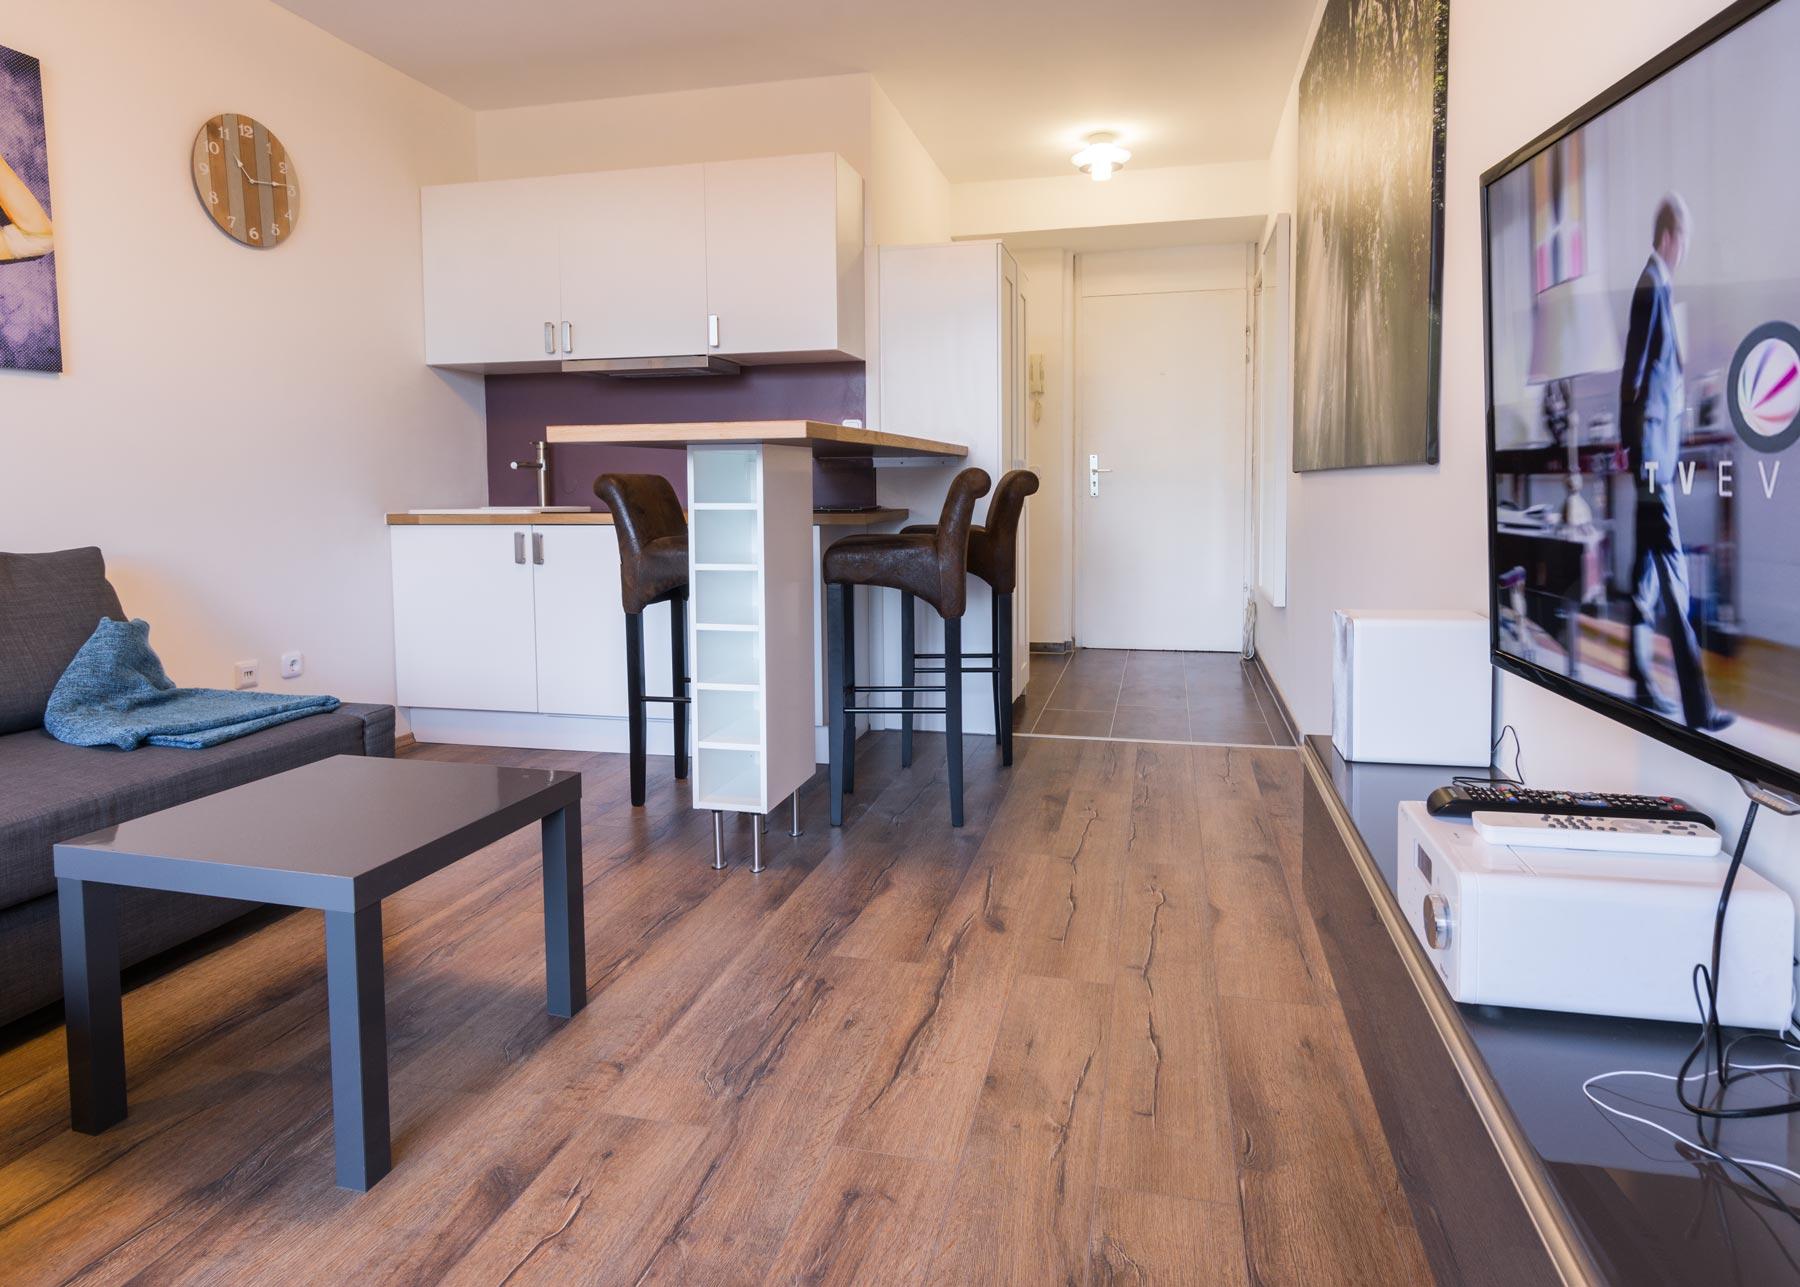 Как выбрать квартиру посуточно в Сумах? Рекомендации и советы.